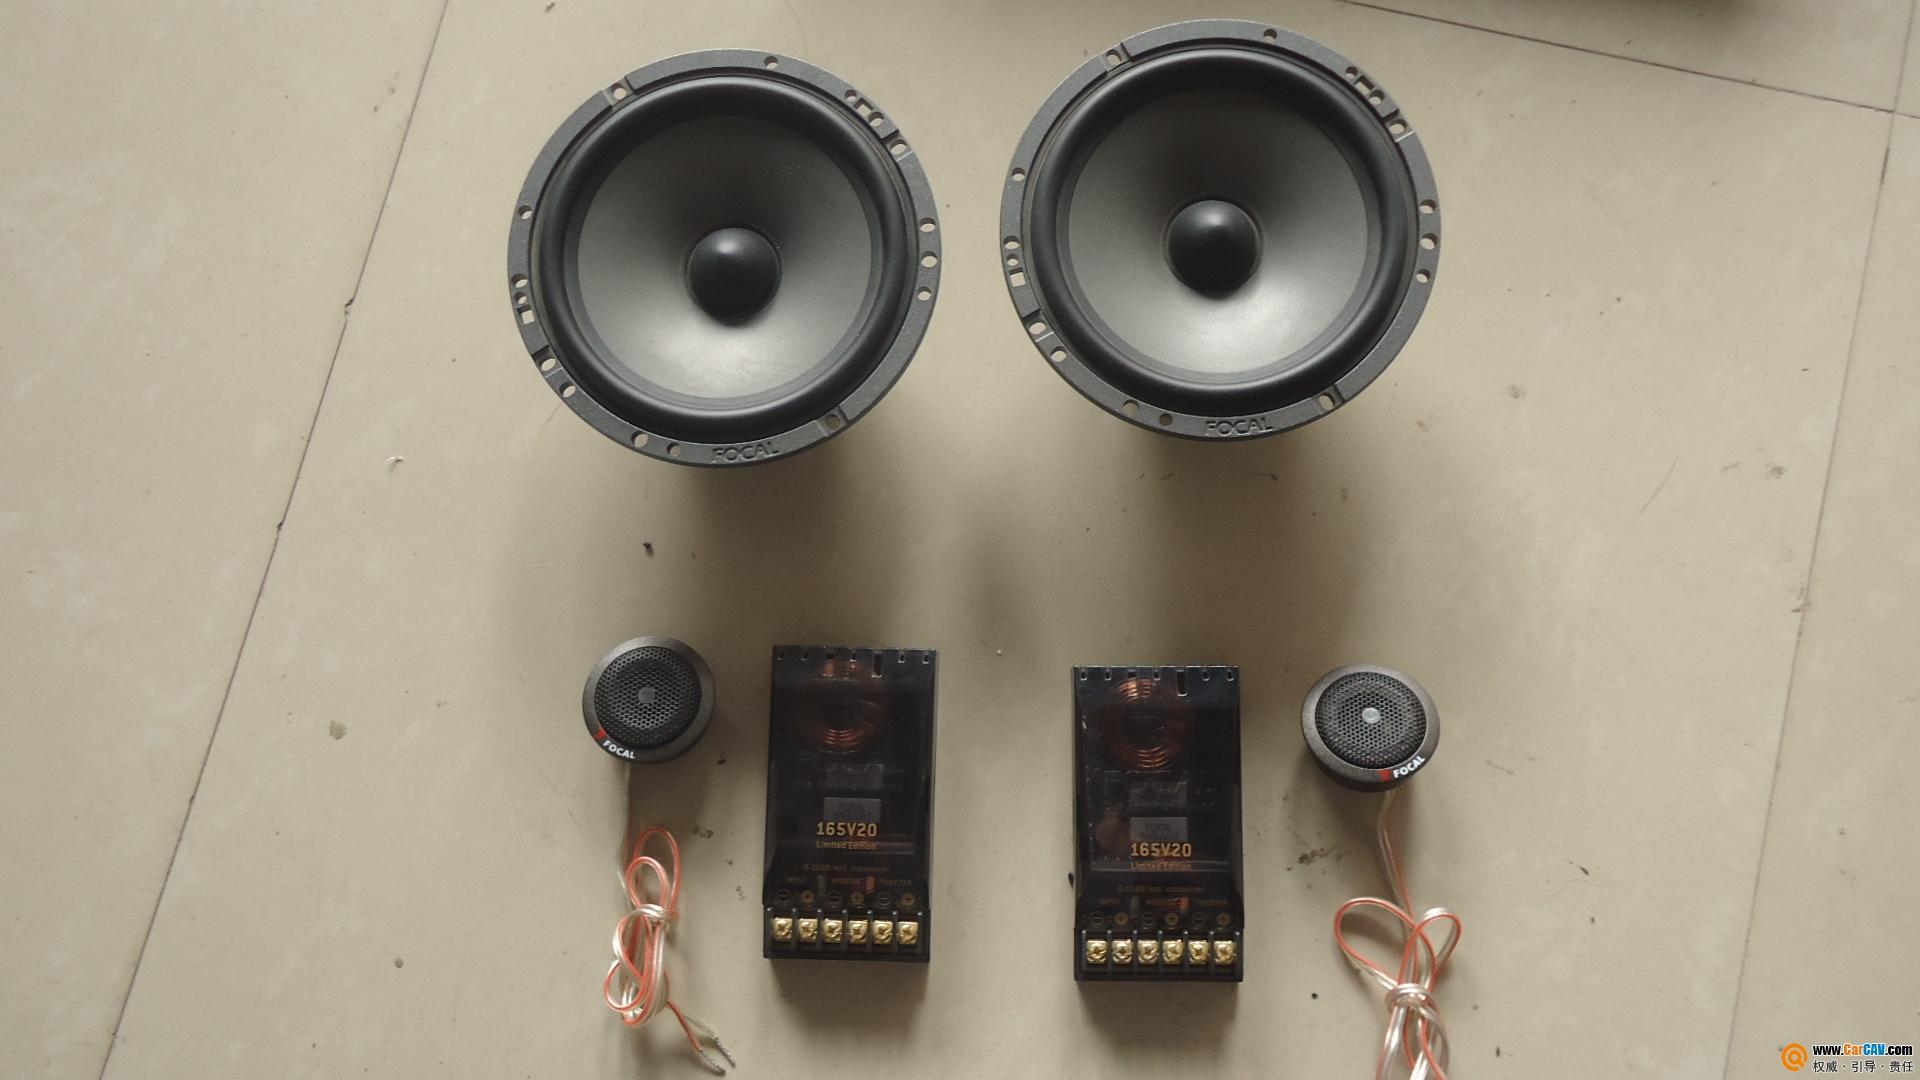 【武汉途乐】本田CRV原车音响升级摩雷器材 - 香港佳能仕公司 - 汽车音响